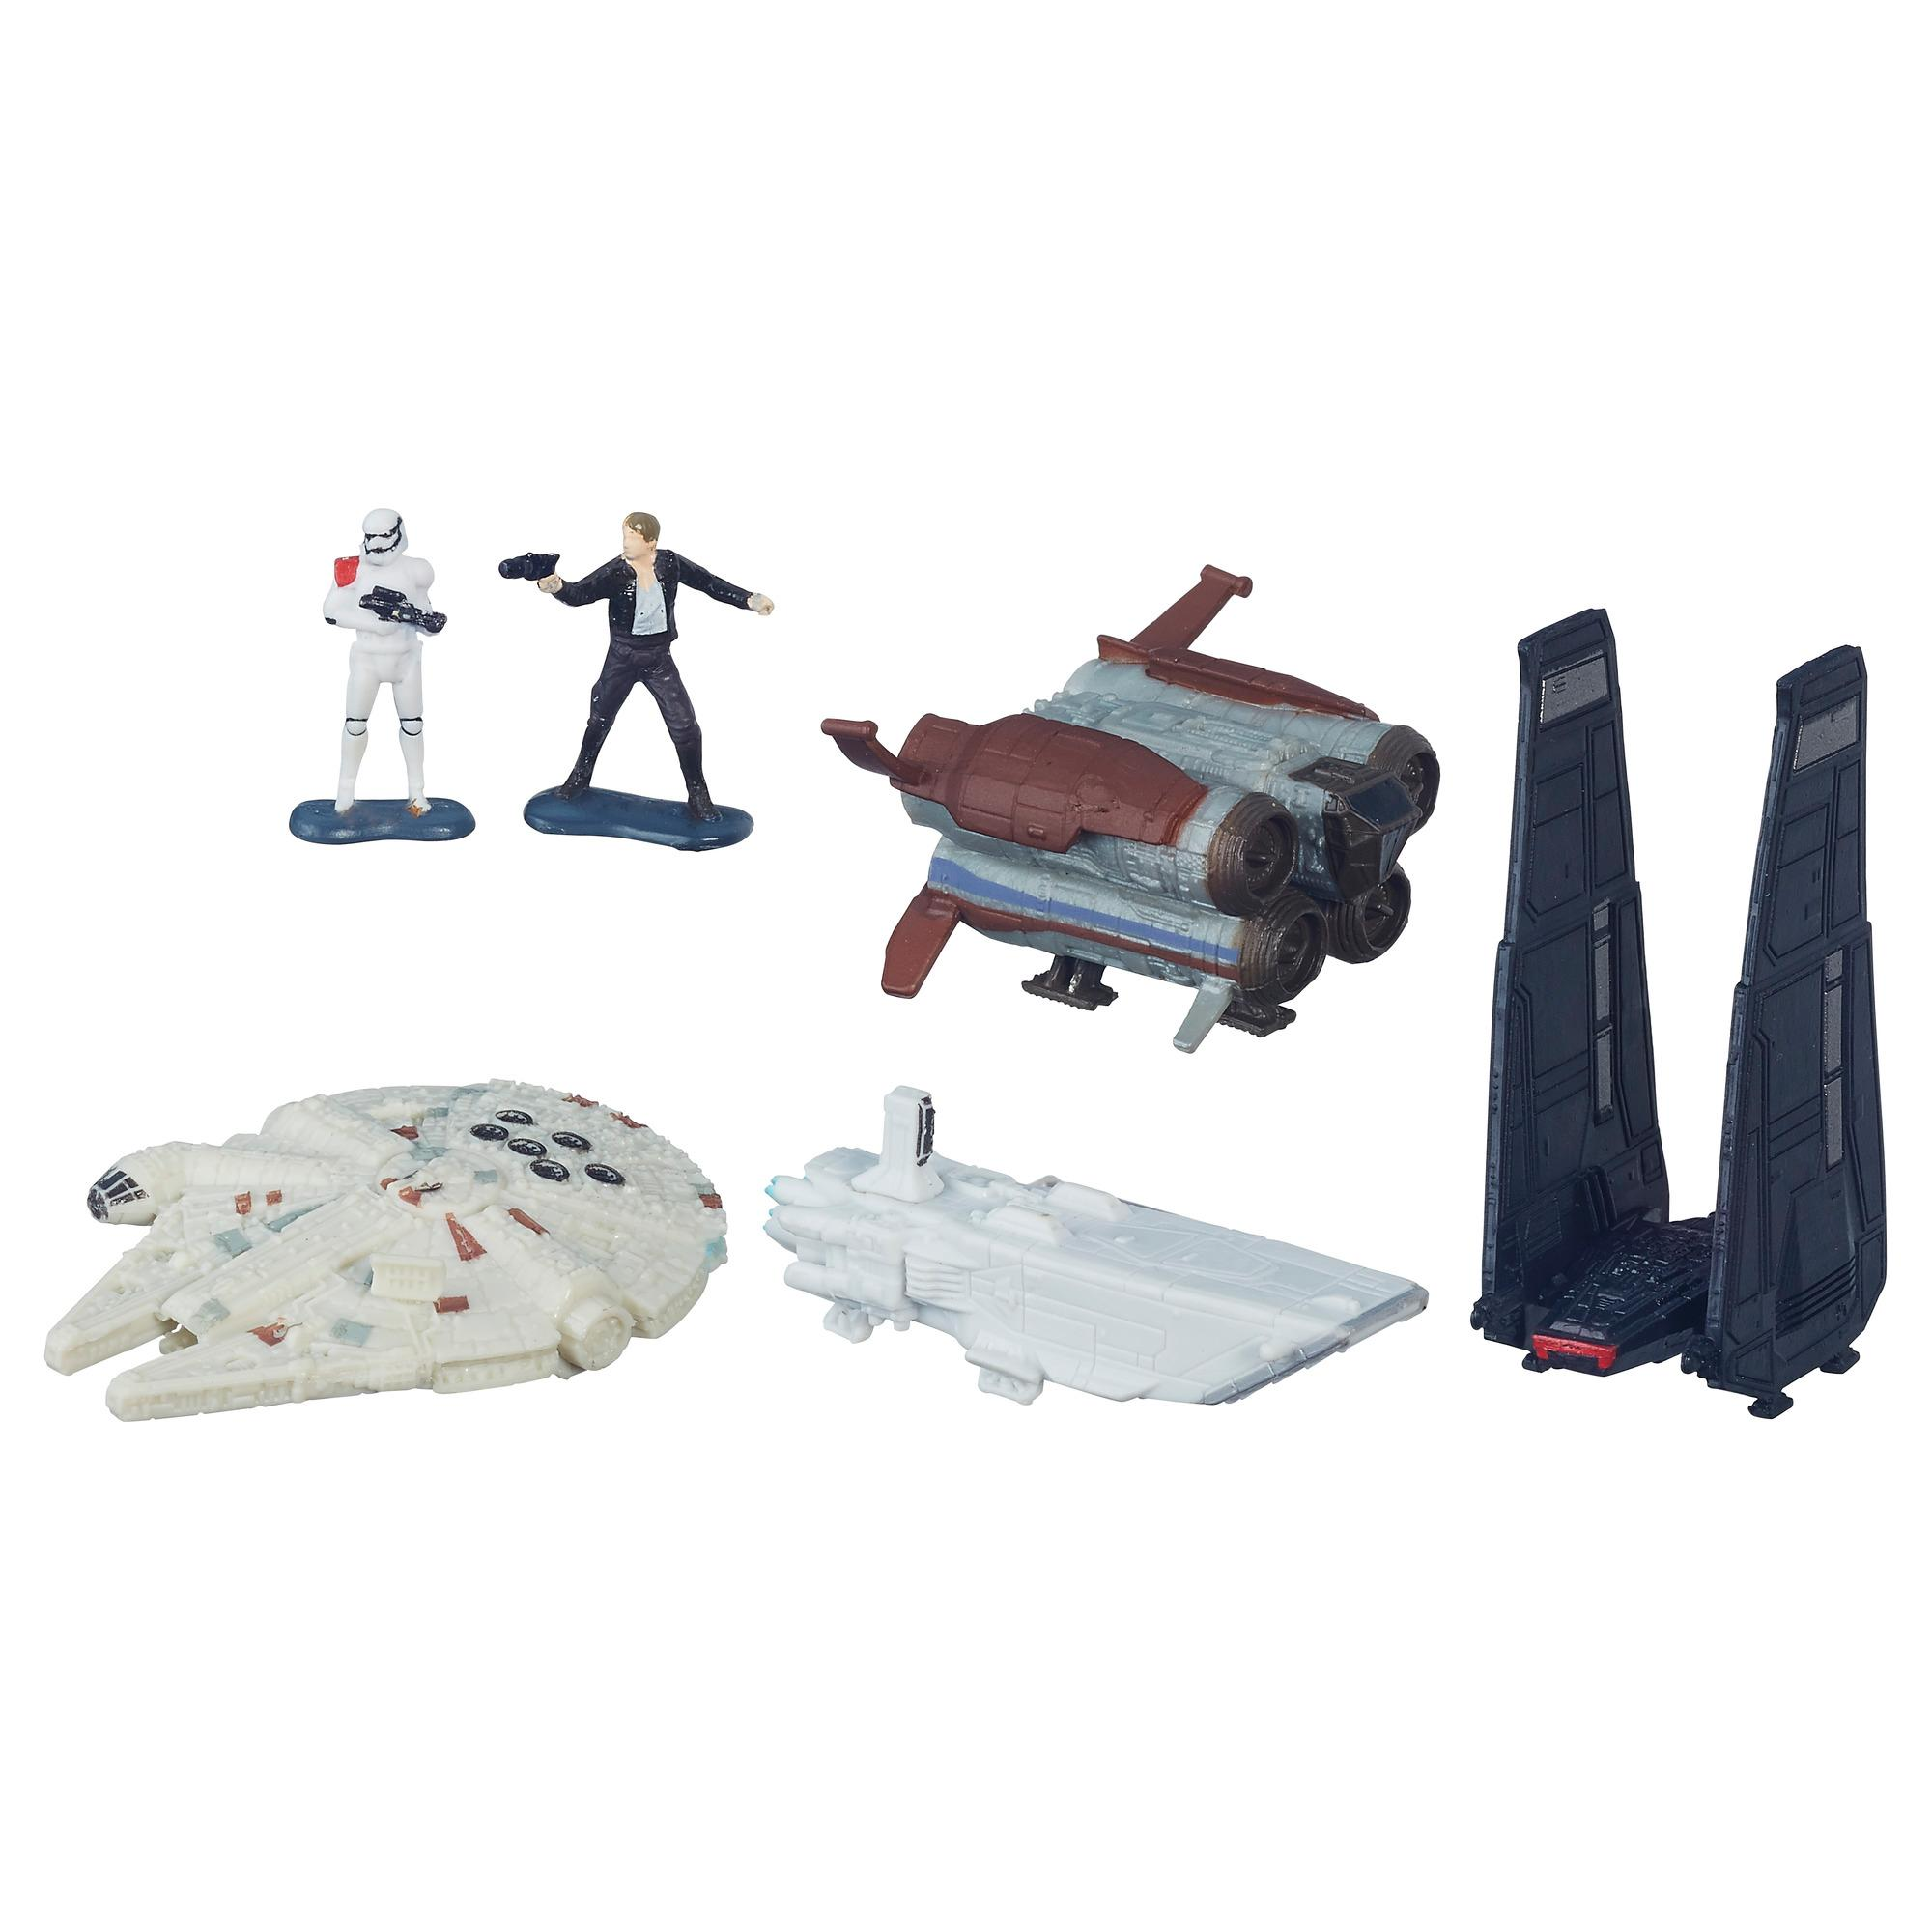 Star Wars - Les figurines - Page 2 B1C0C77750569047F54611EA25F8971B